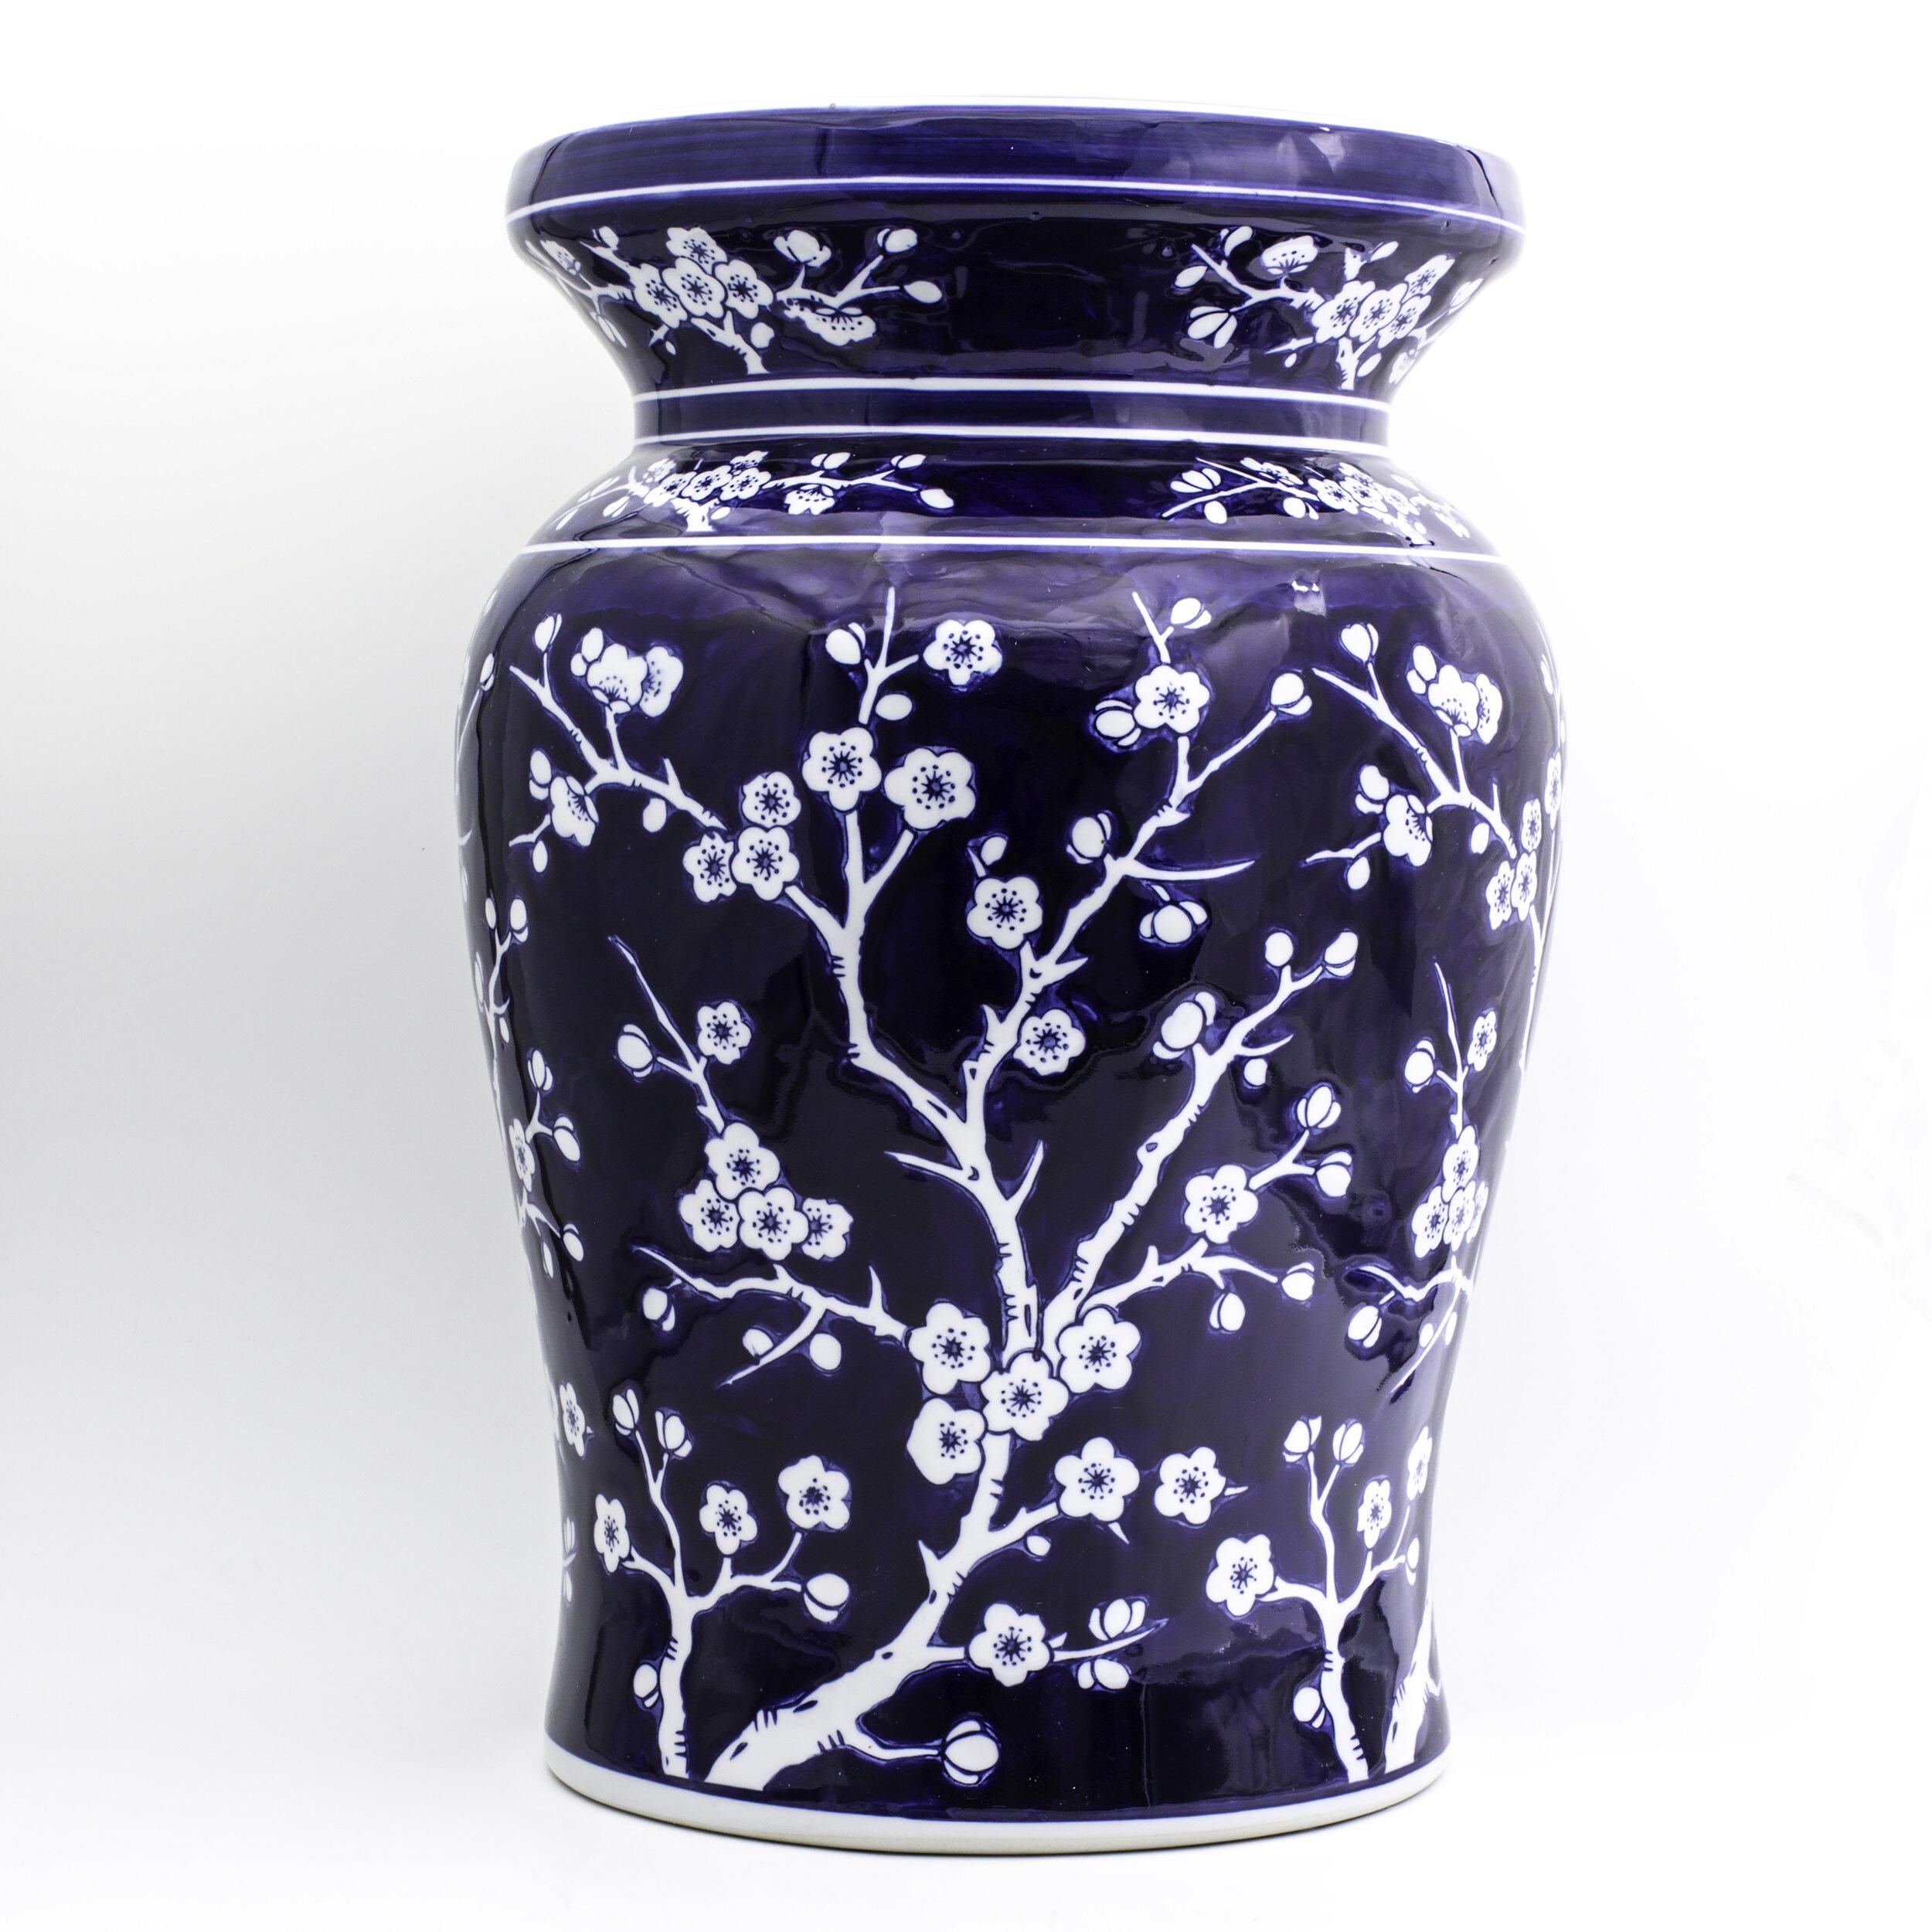 Paugh Ceramic Garden Stool Intended For Oakside Ceramic Garden Stools (View 11 of 25)